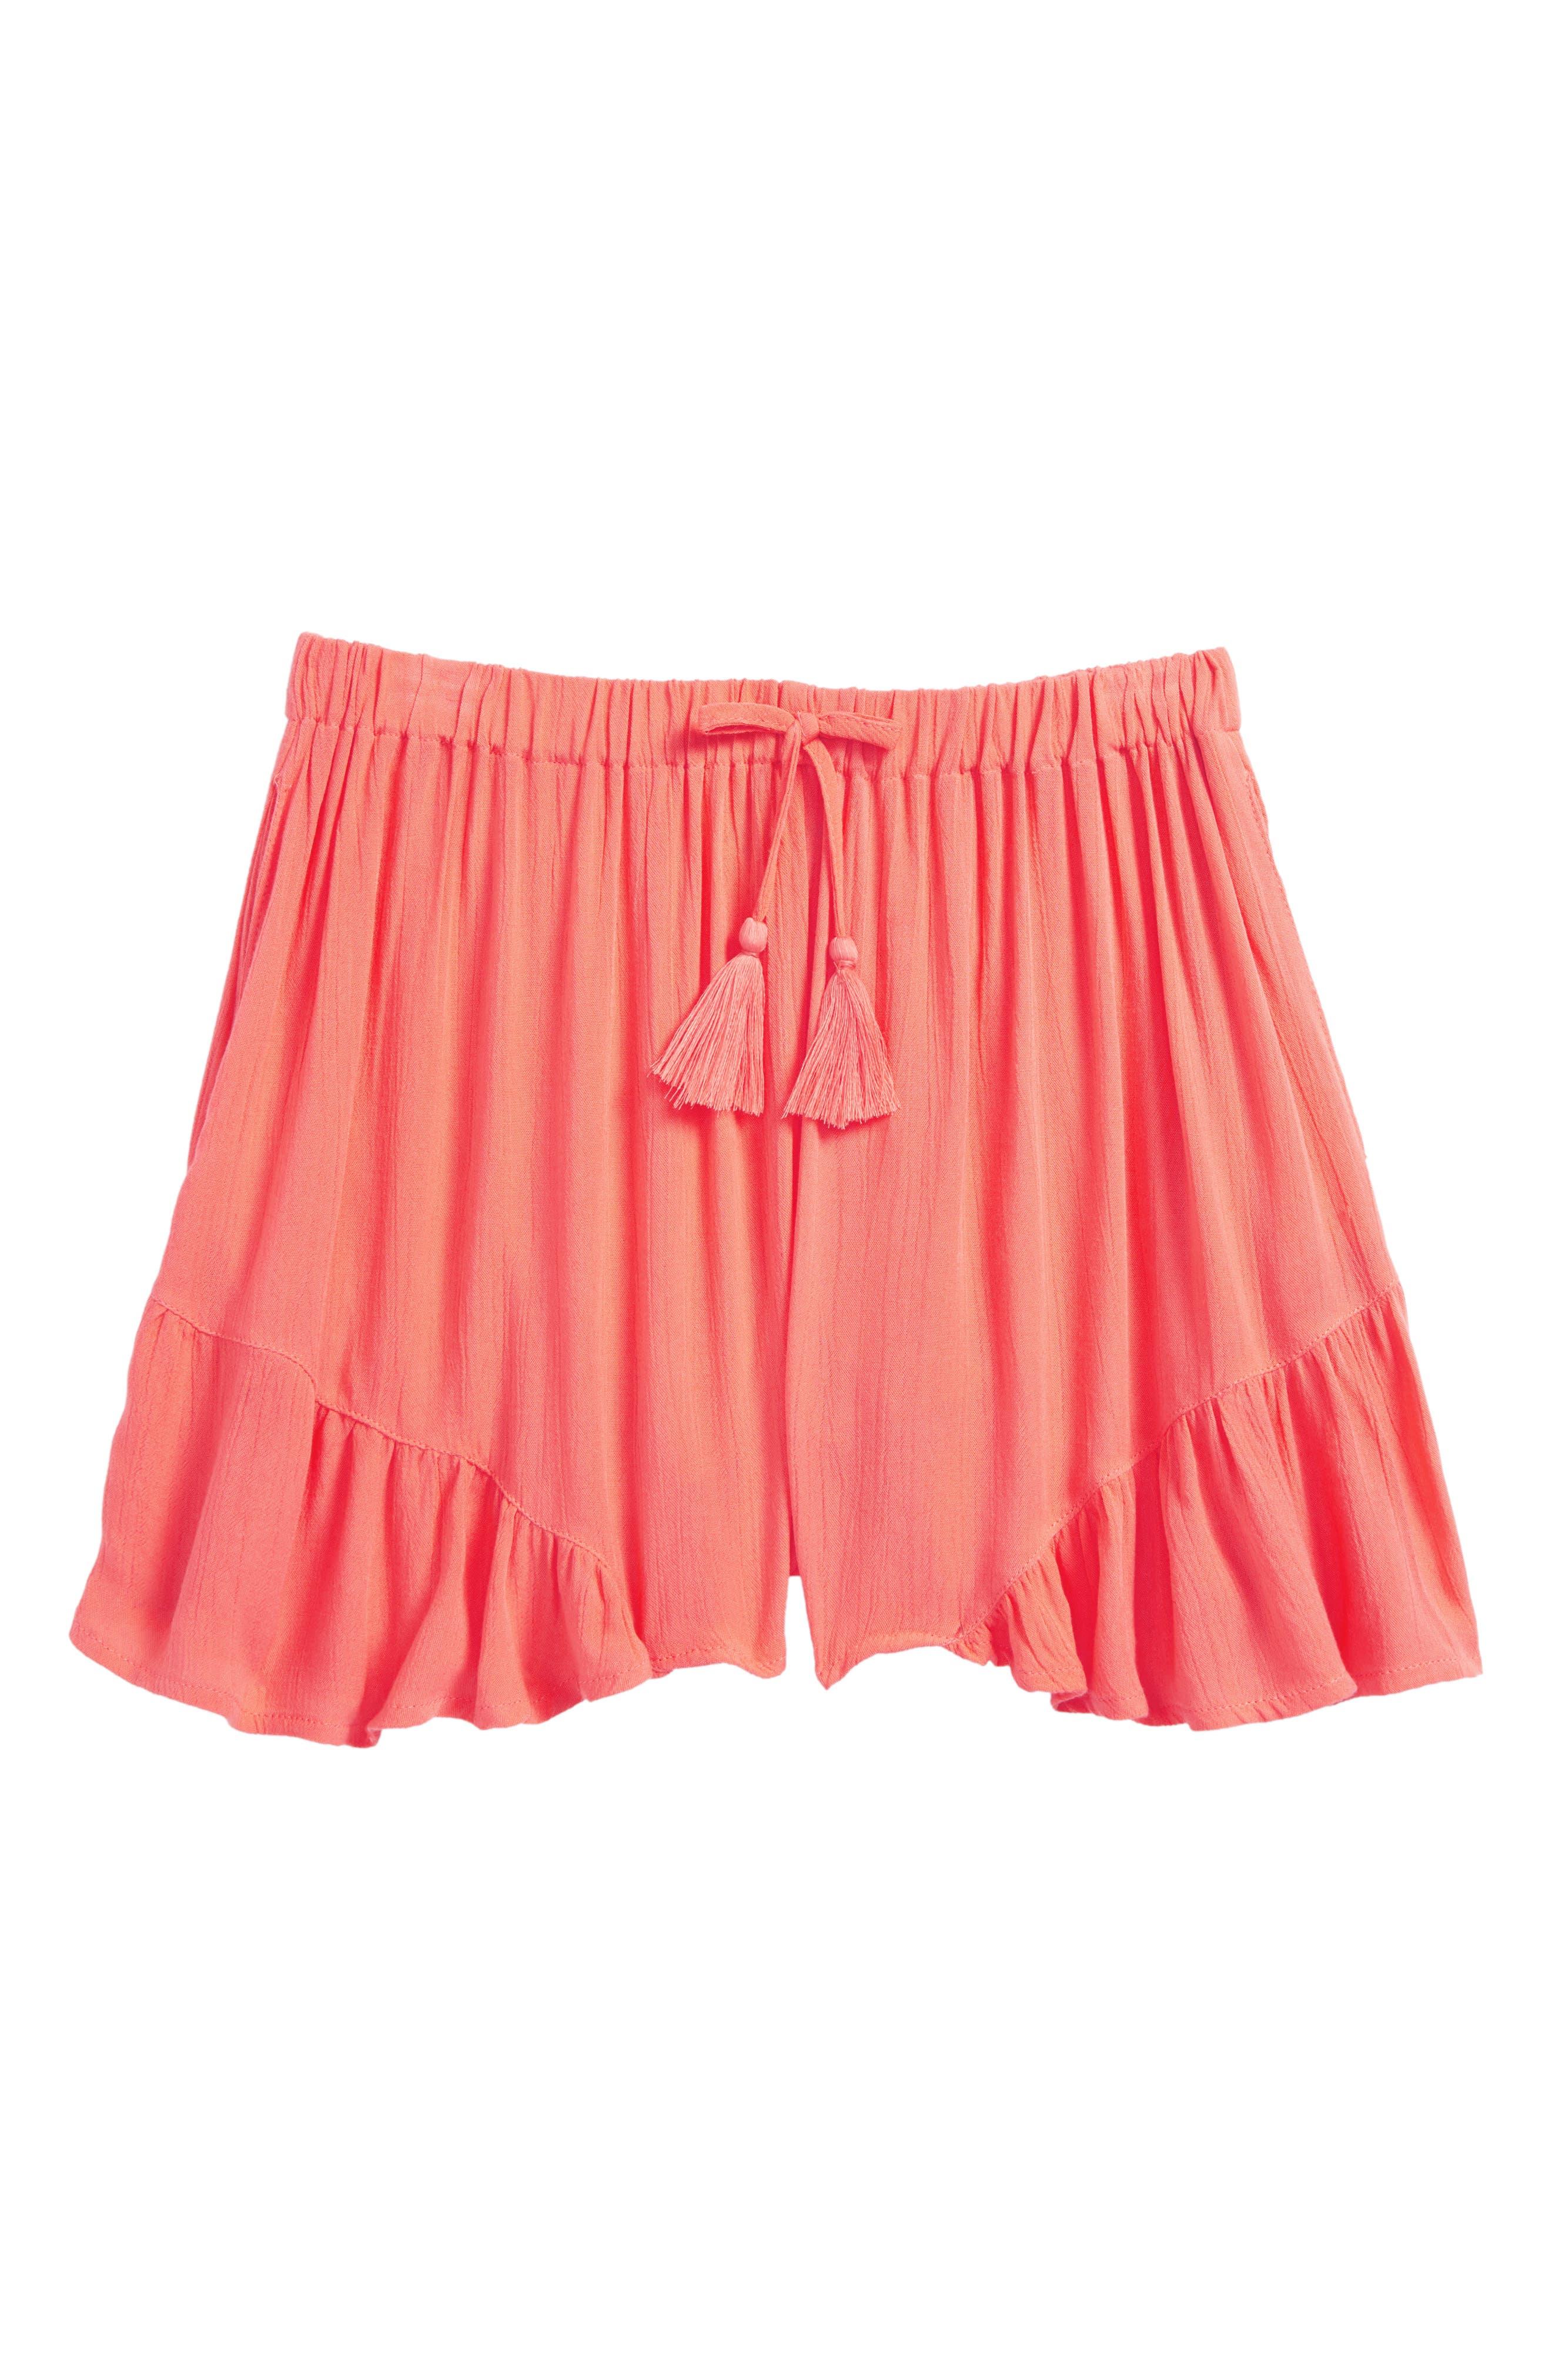 Ruffle Hem Shorts,                             Main thumbnail 1, color,                             Coral